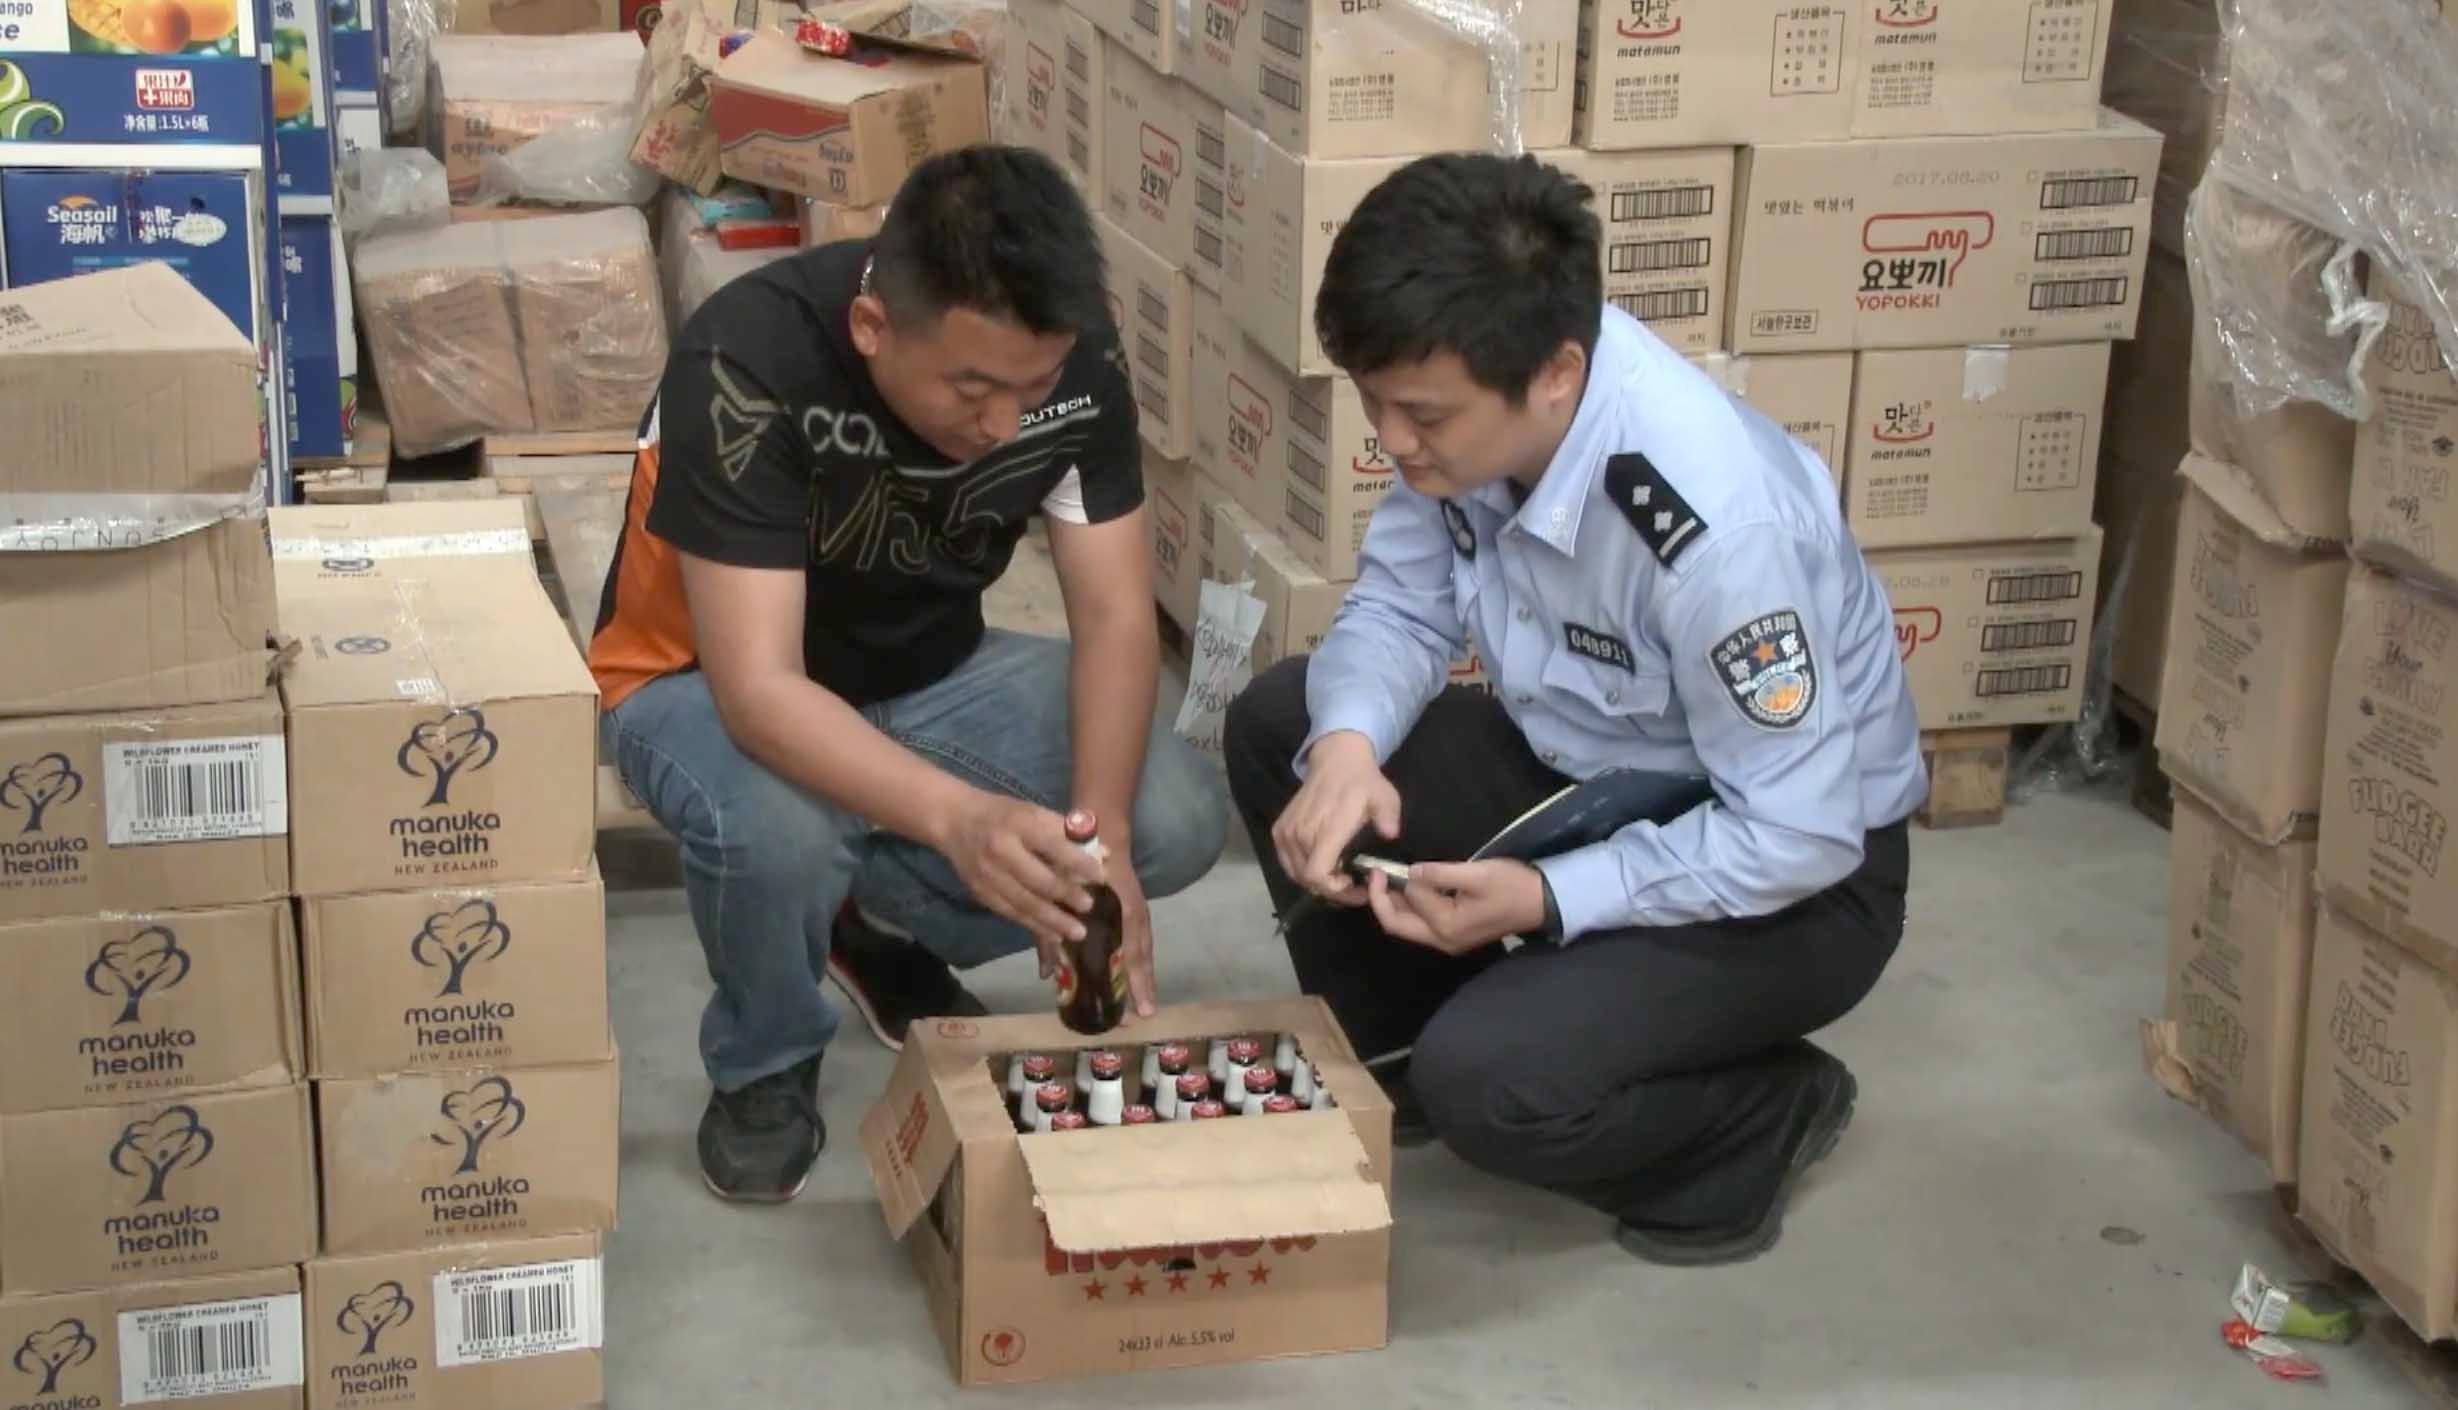 5年老酒重贴标签开售上海4万多箱过期进口啤酒被查获